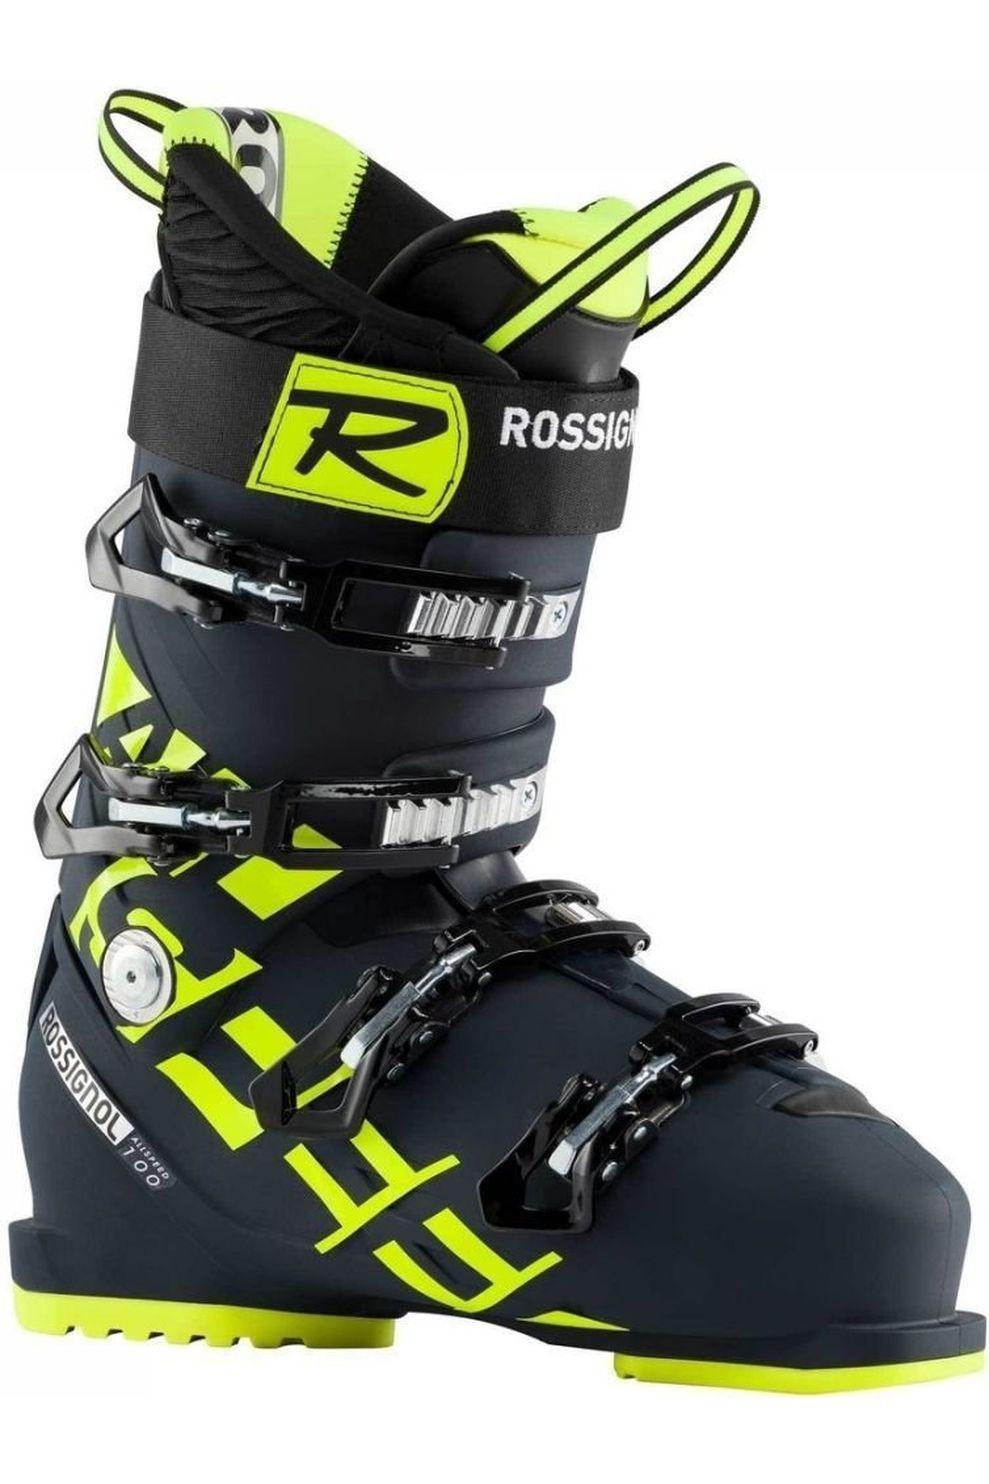 Rossignol Skischoen Allspeed 100 voor heren - Blauw/Geel - Maten: 26.5, 27.5, 28.5, 29.5